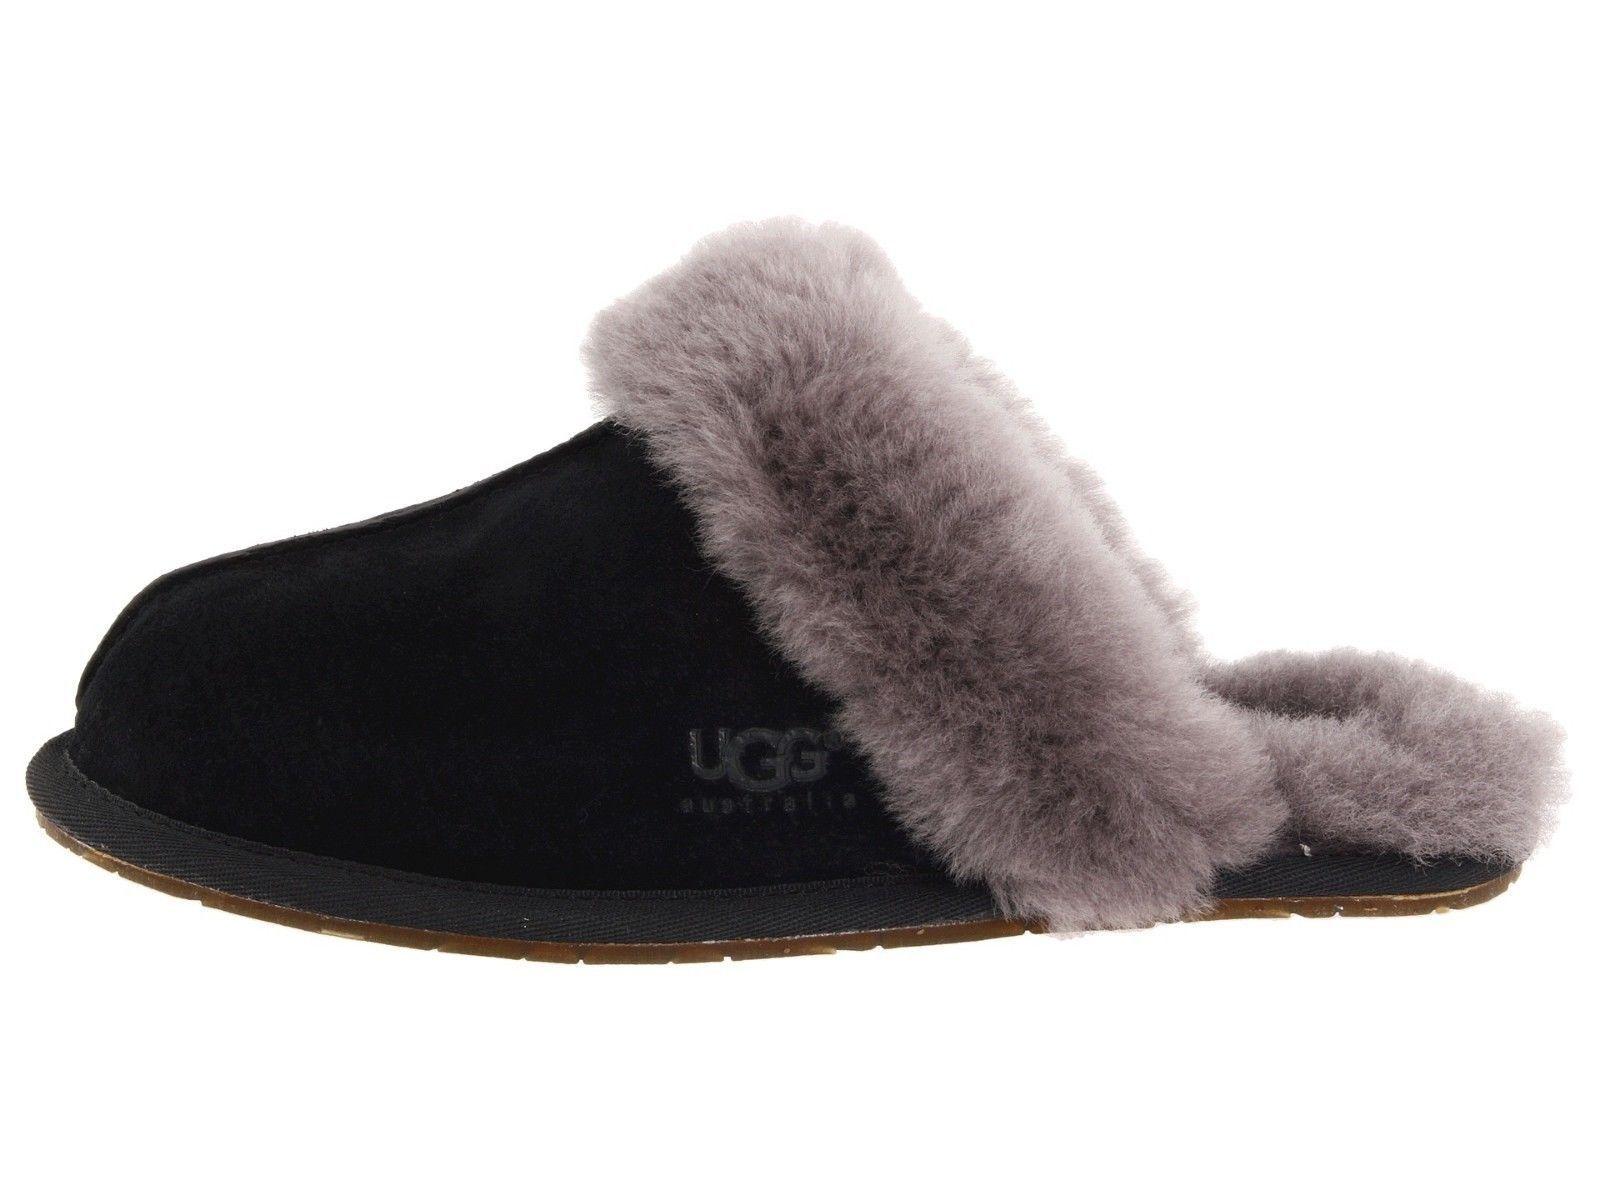 UGG Scuffette II Black Grey Women's Slippers 5661